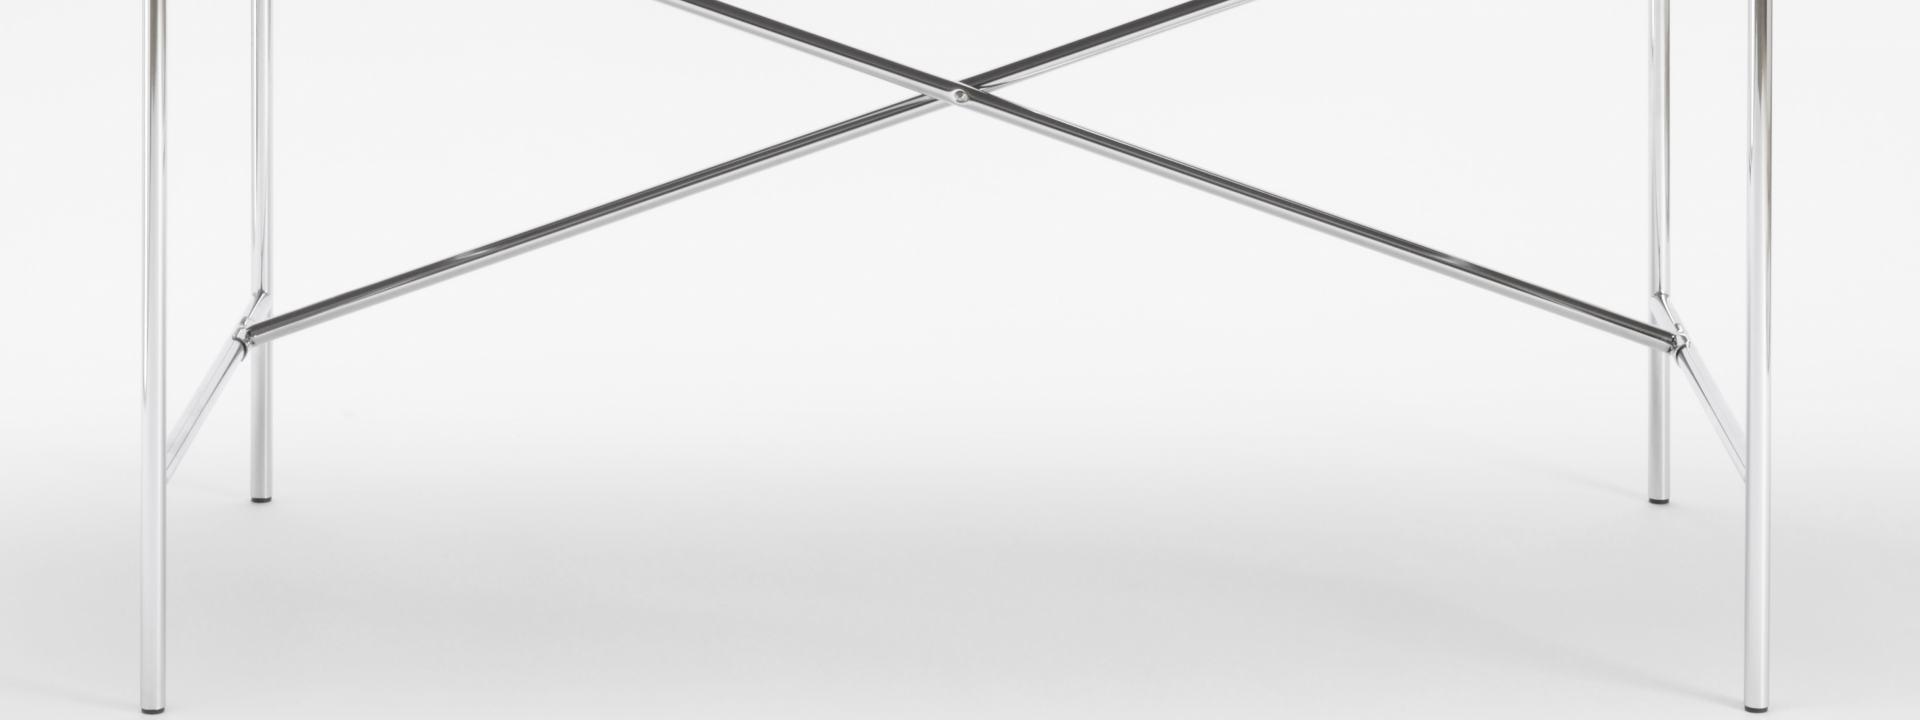 E2 Kreuz mittig, Tische & Gestelle, Tischgestelle, Tischgestell, Tischbeine